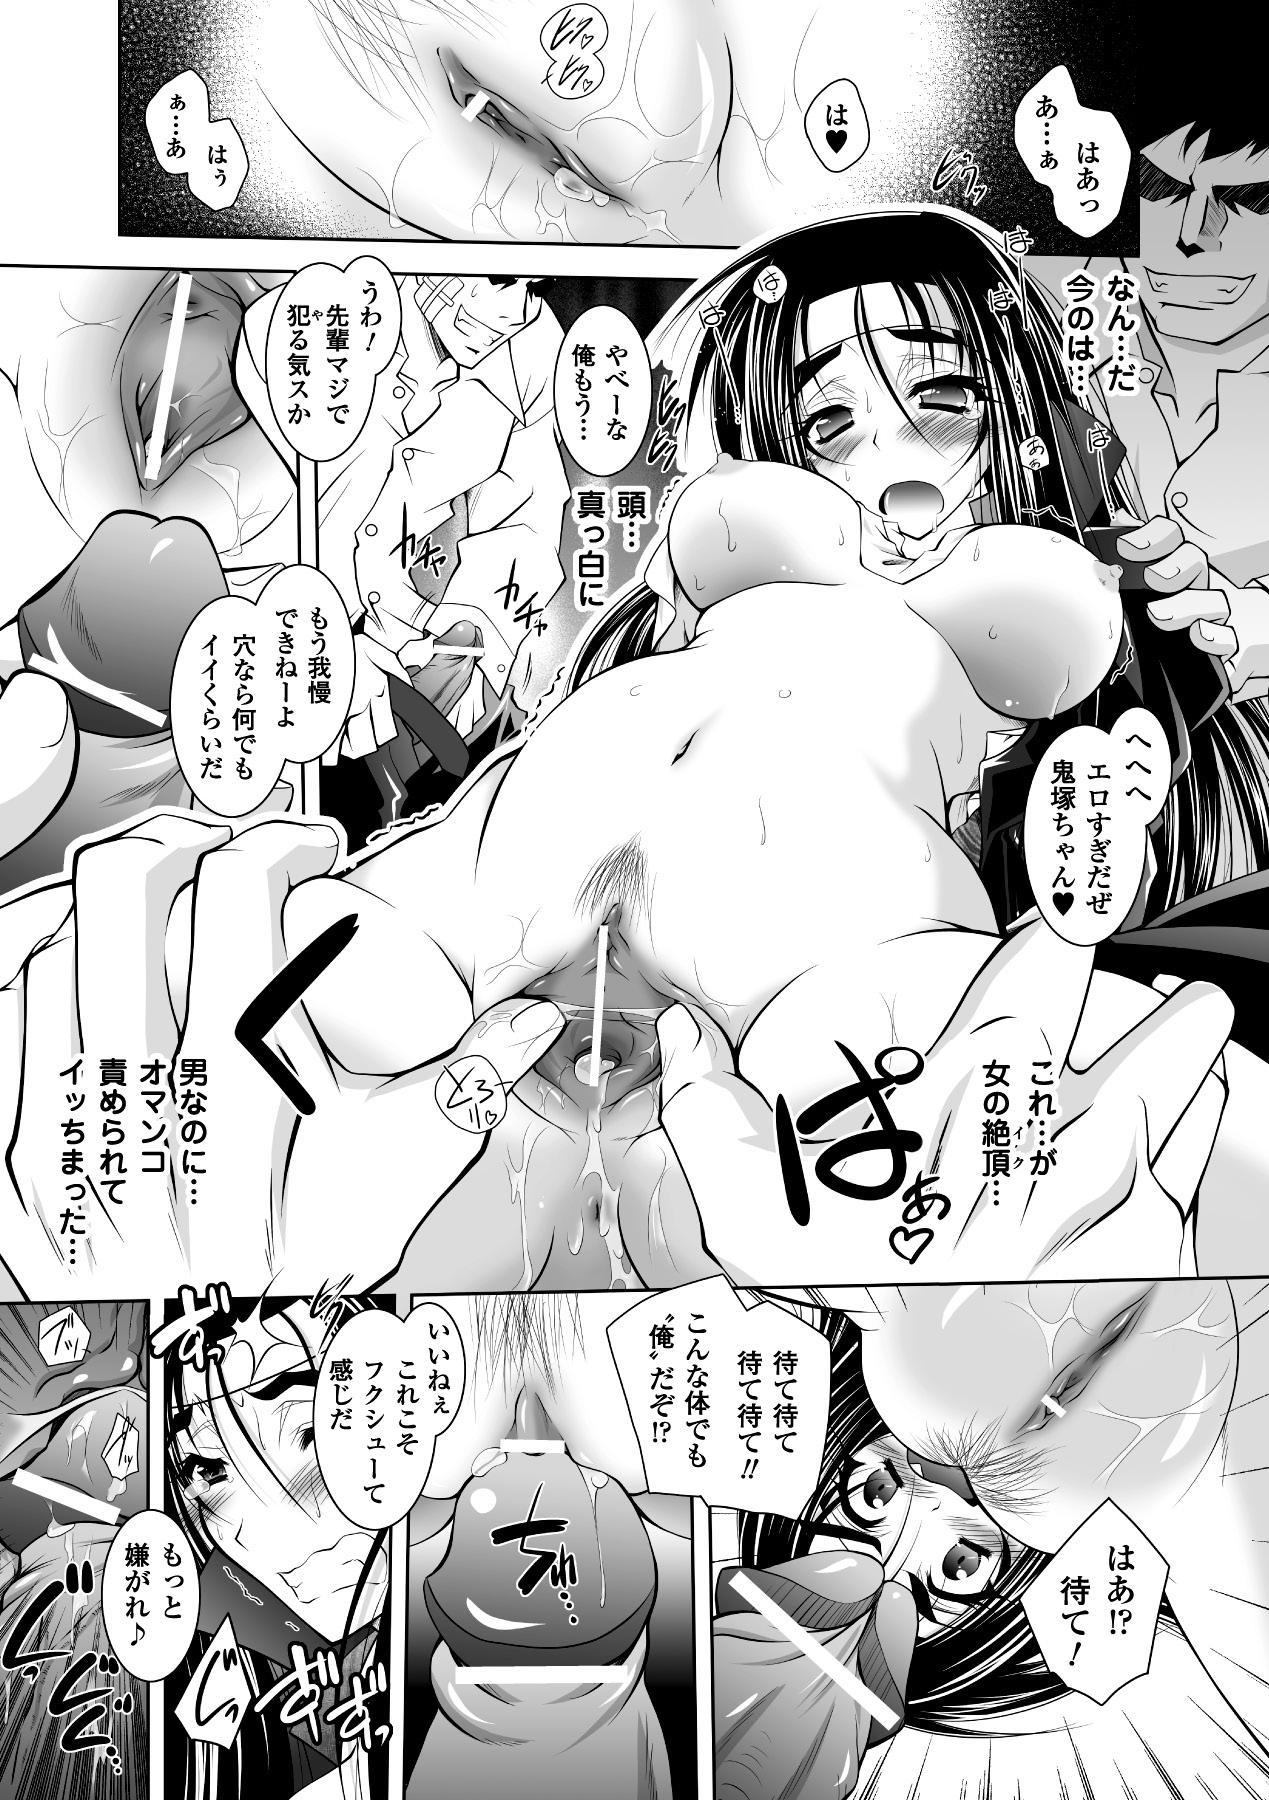 [Parfait] Mesu Inu no Tooboe ~Injyoku Elegy~ - The Howling Of A Bitch [Digital] 98